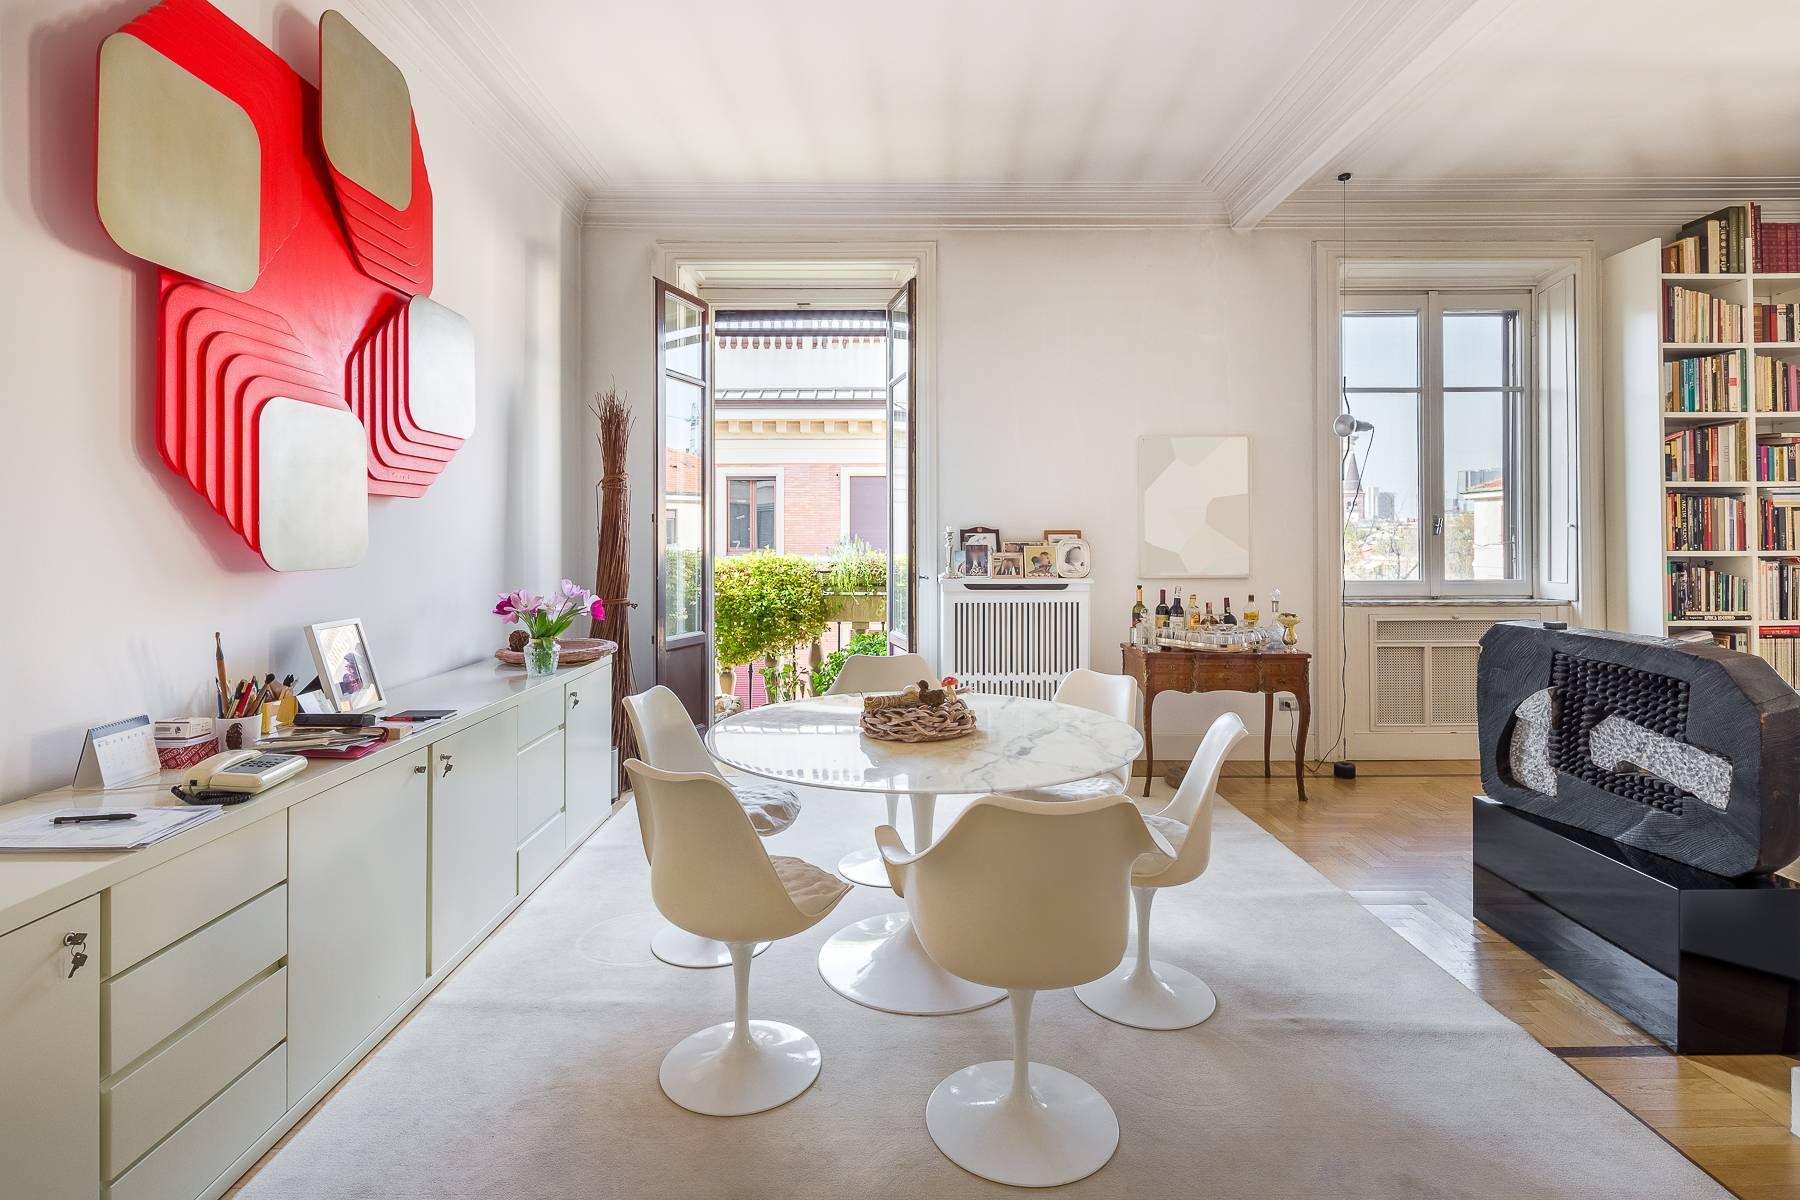 Appartamento esclusivo di 200 mq in nuda proprietà in un palazzo d'epoca - 3